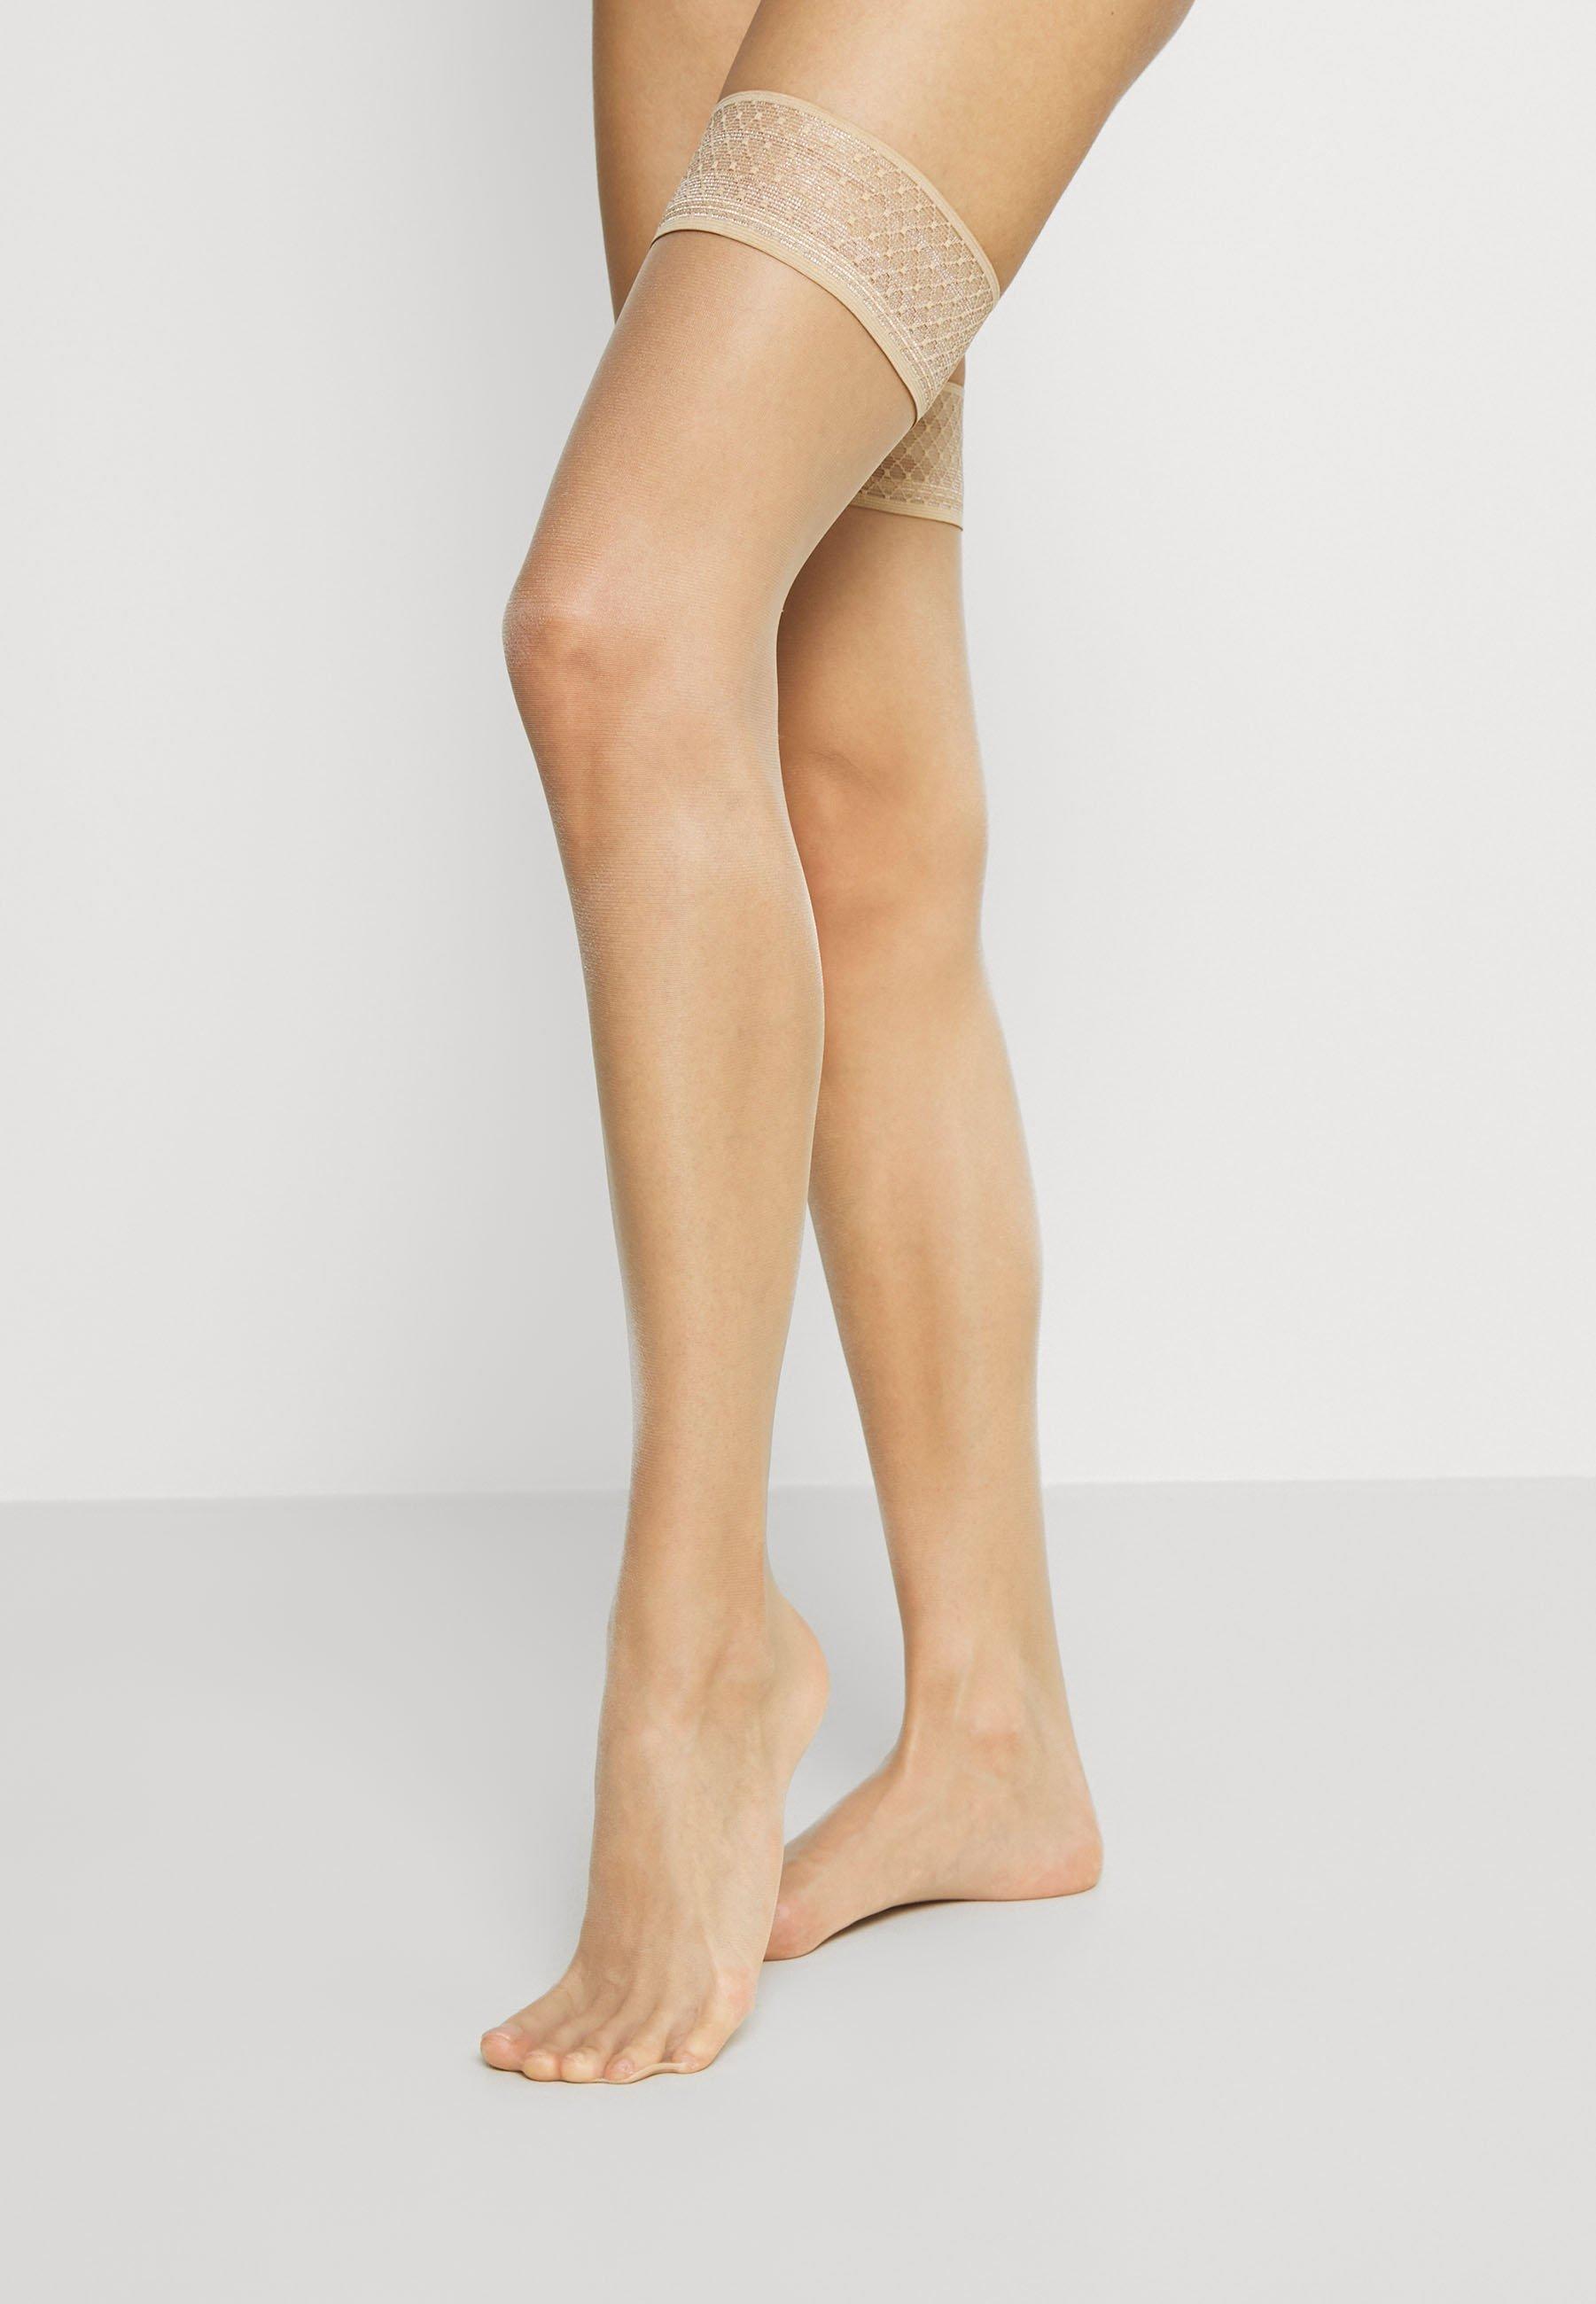 Women FRESH UP 10 - Over-the-knee socks